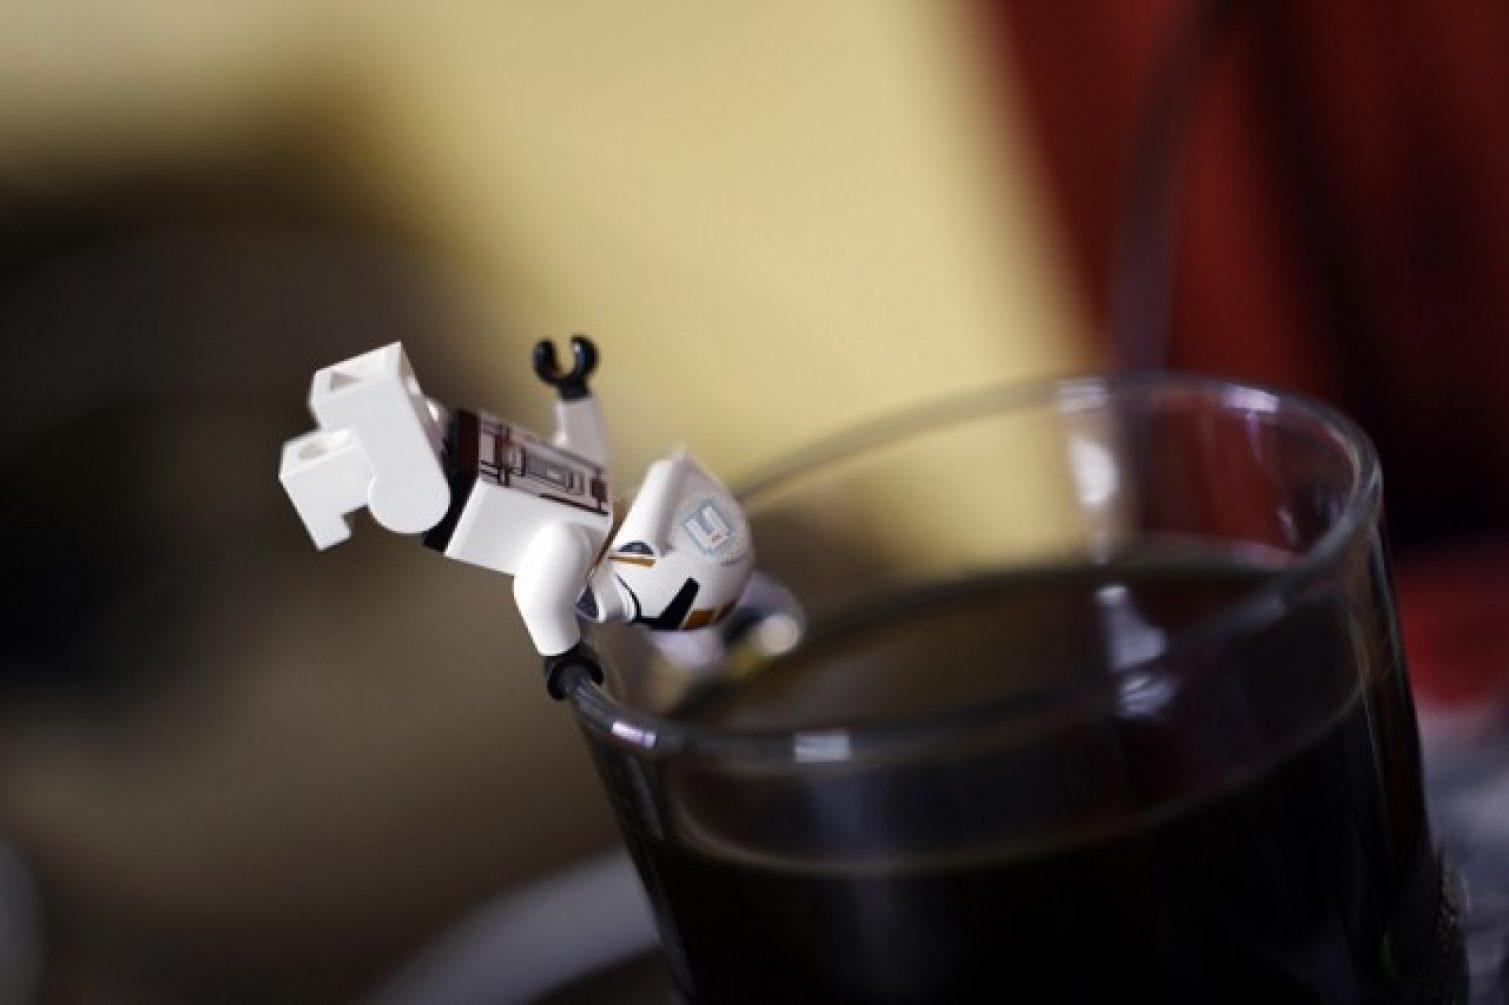 Arrggghhhhh... tidakkk.... kenapa jatuh dalam kopi pulakkk...????!!!!